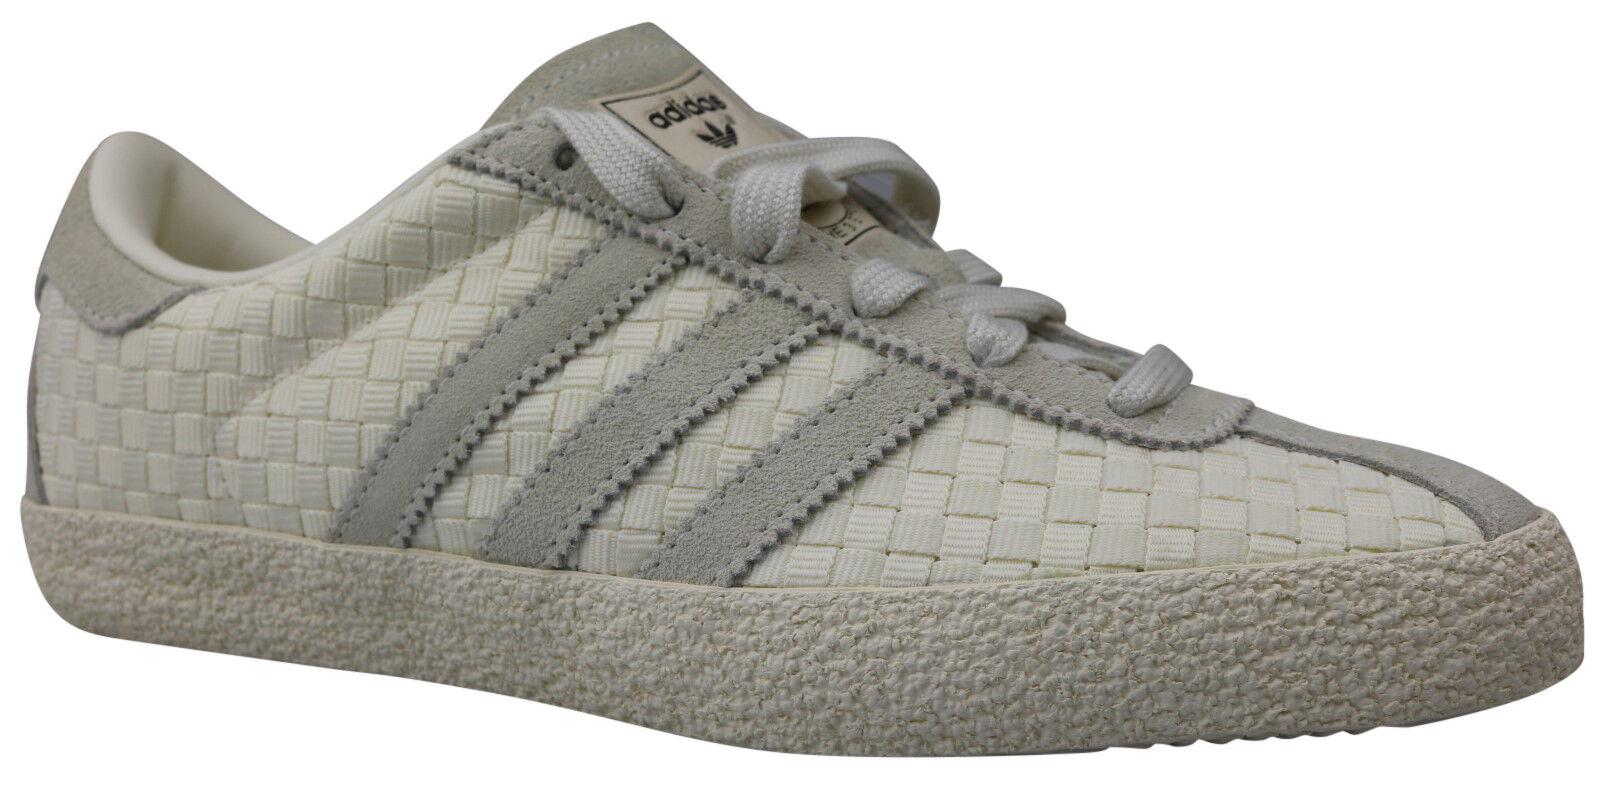 Adidas Originals Gazelle 70s zapatillas zapatos m19619 nuevo & OVP